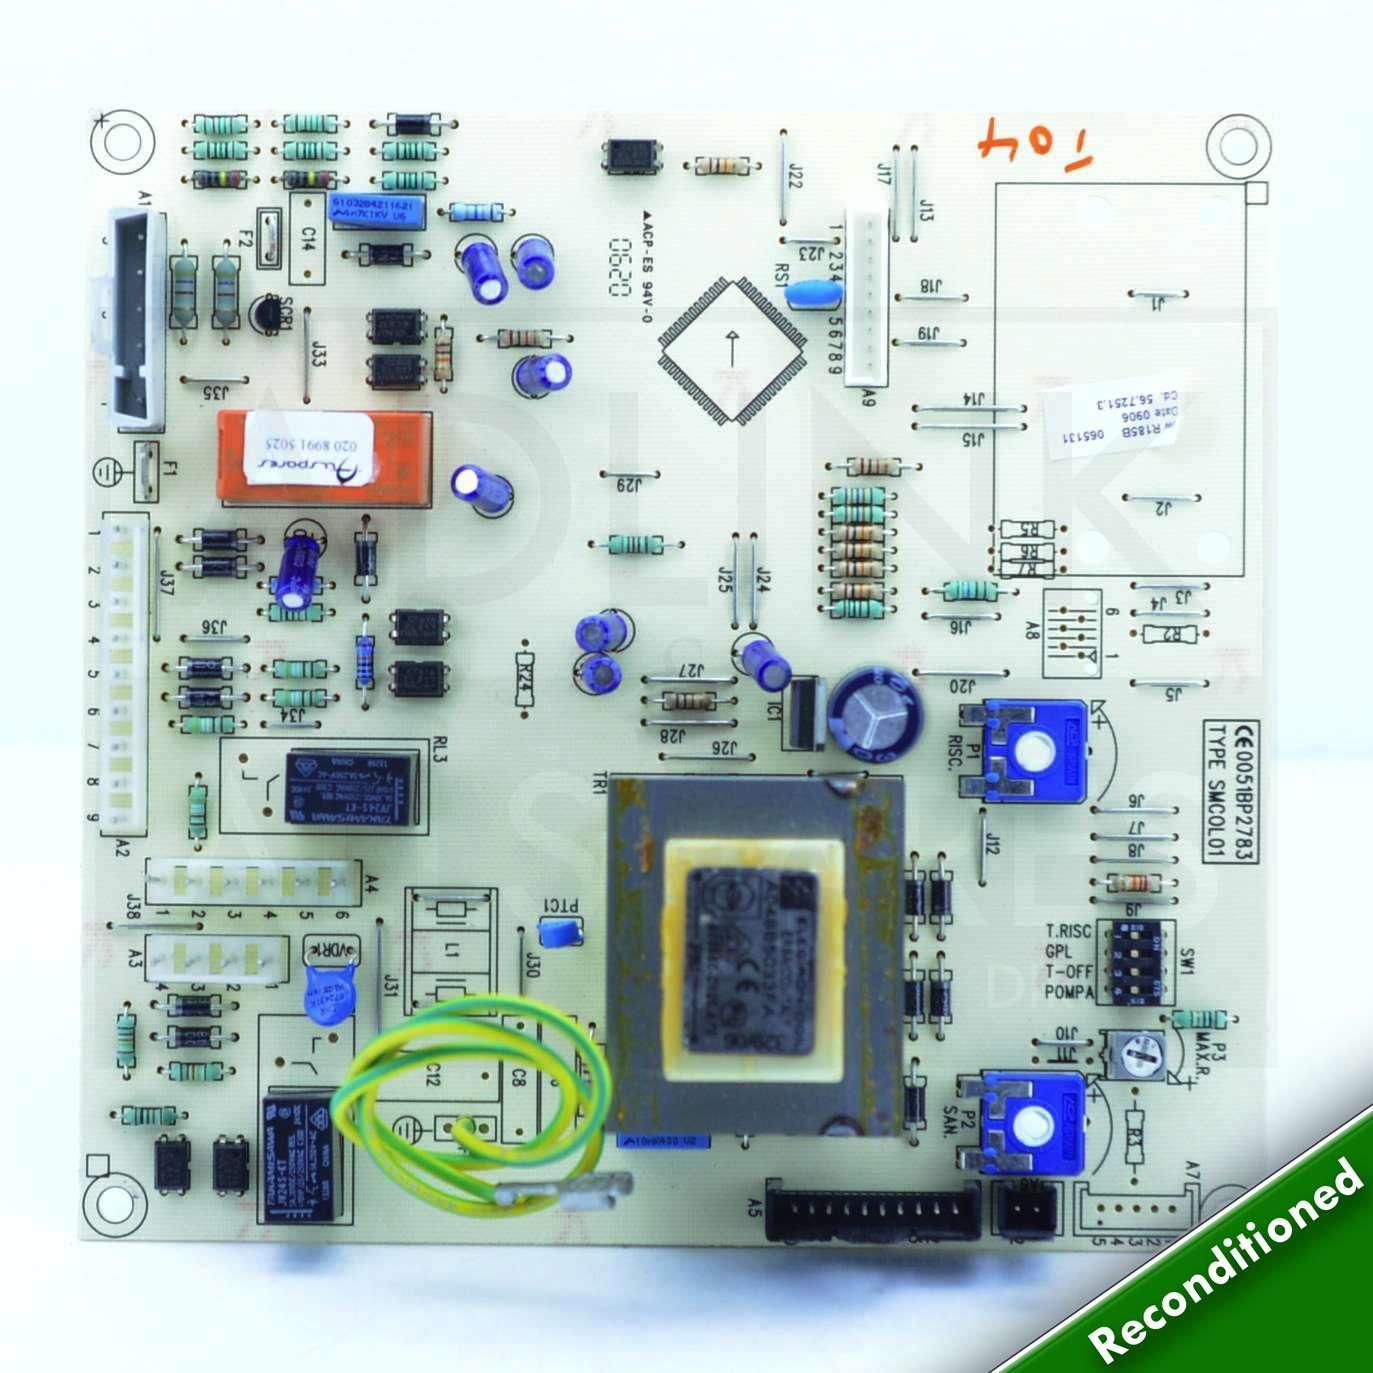 MAIN COMBI 30 HE (B) BAND BOILER PCB 5112380